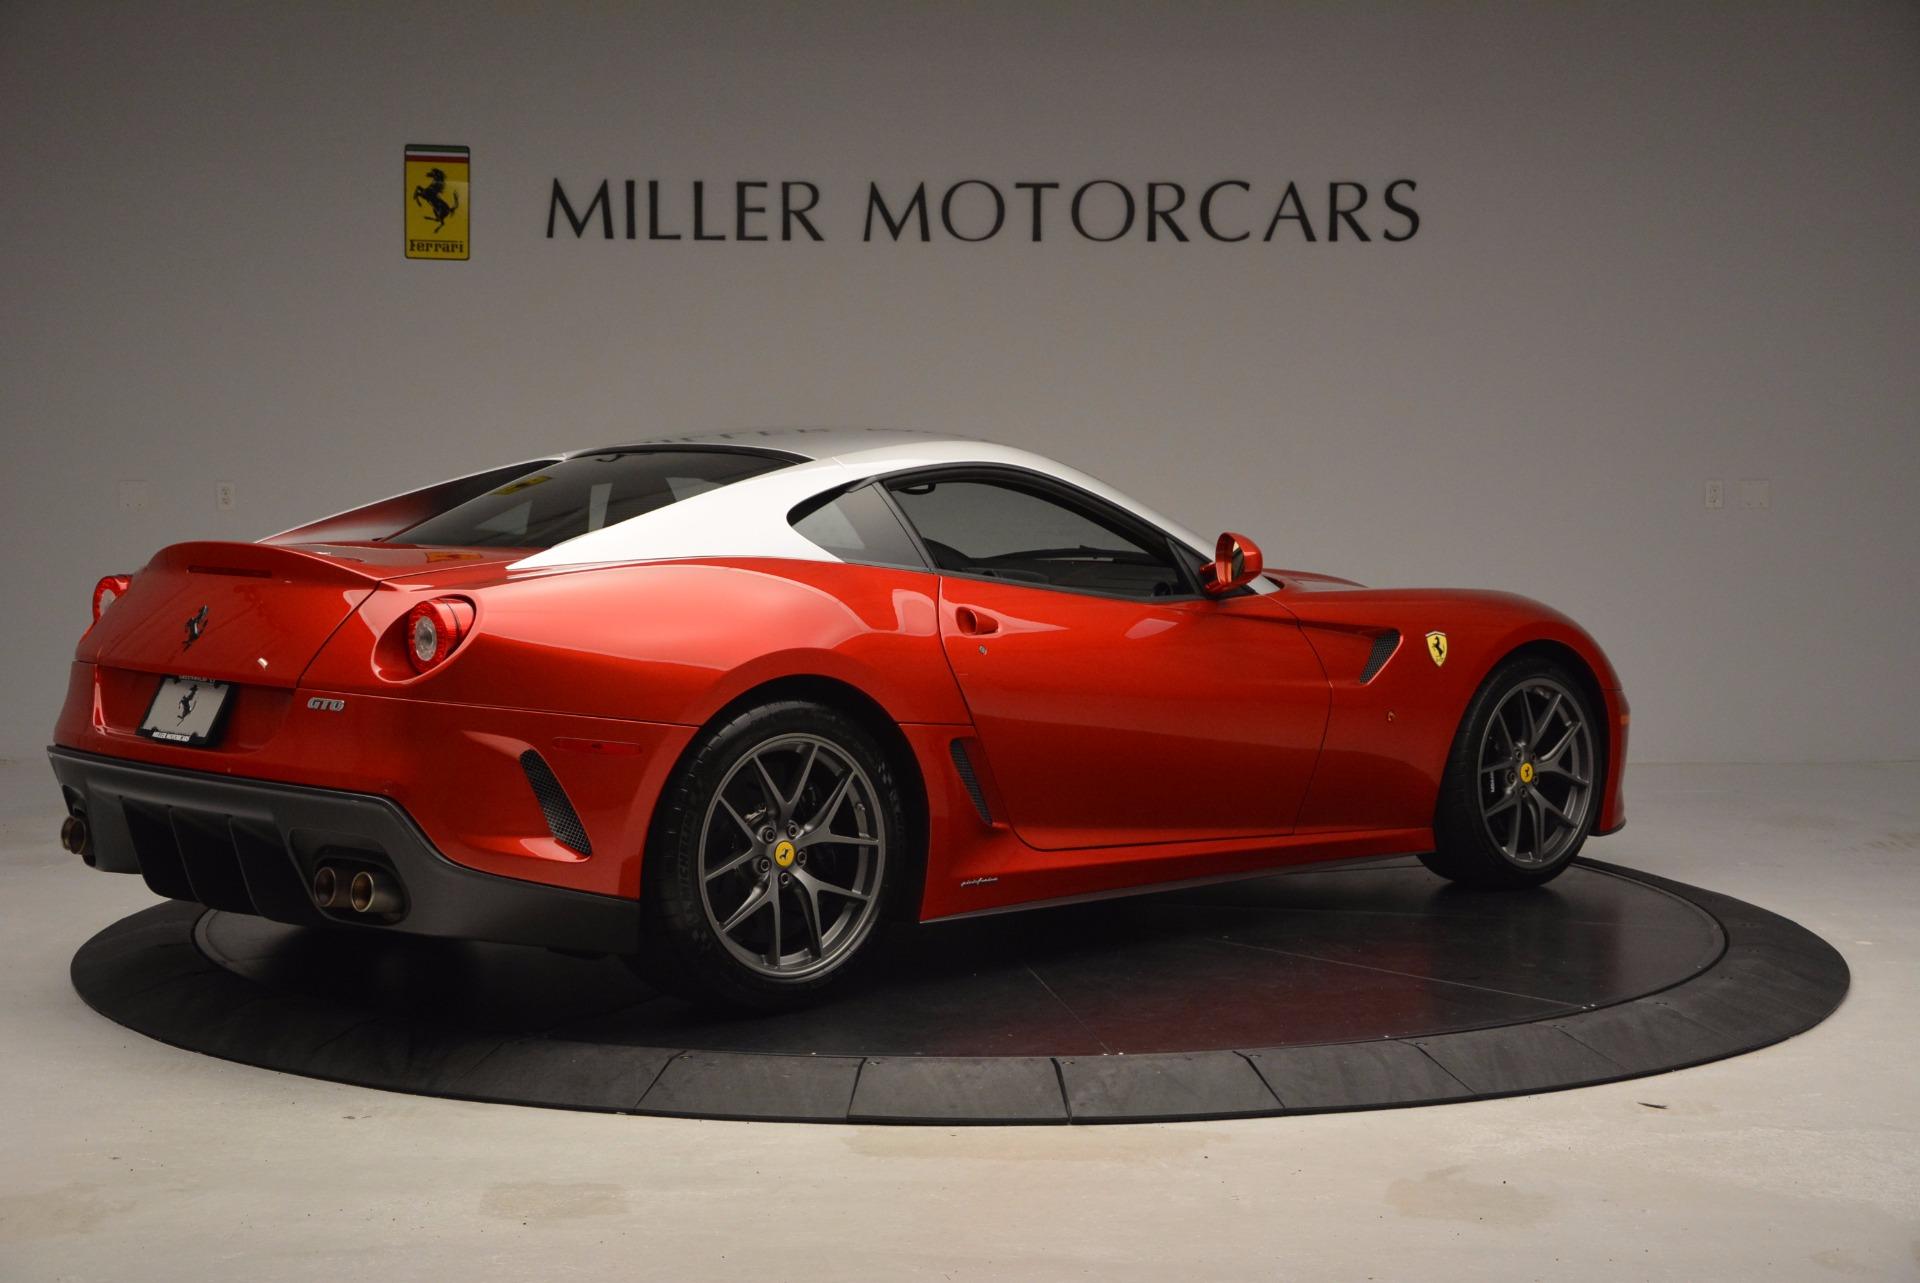 Pre Owned 2011 Ferrari 599 Gto For Sale Miller Motorcars Stock 4395c